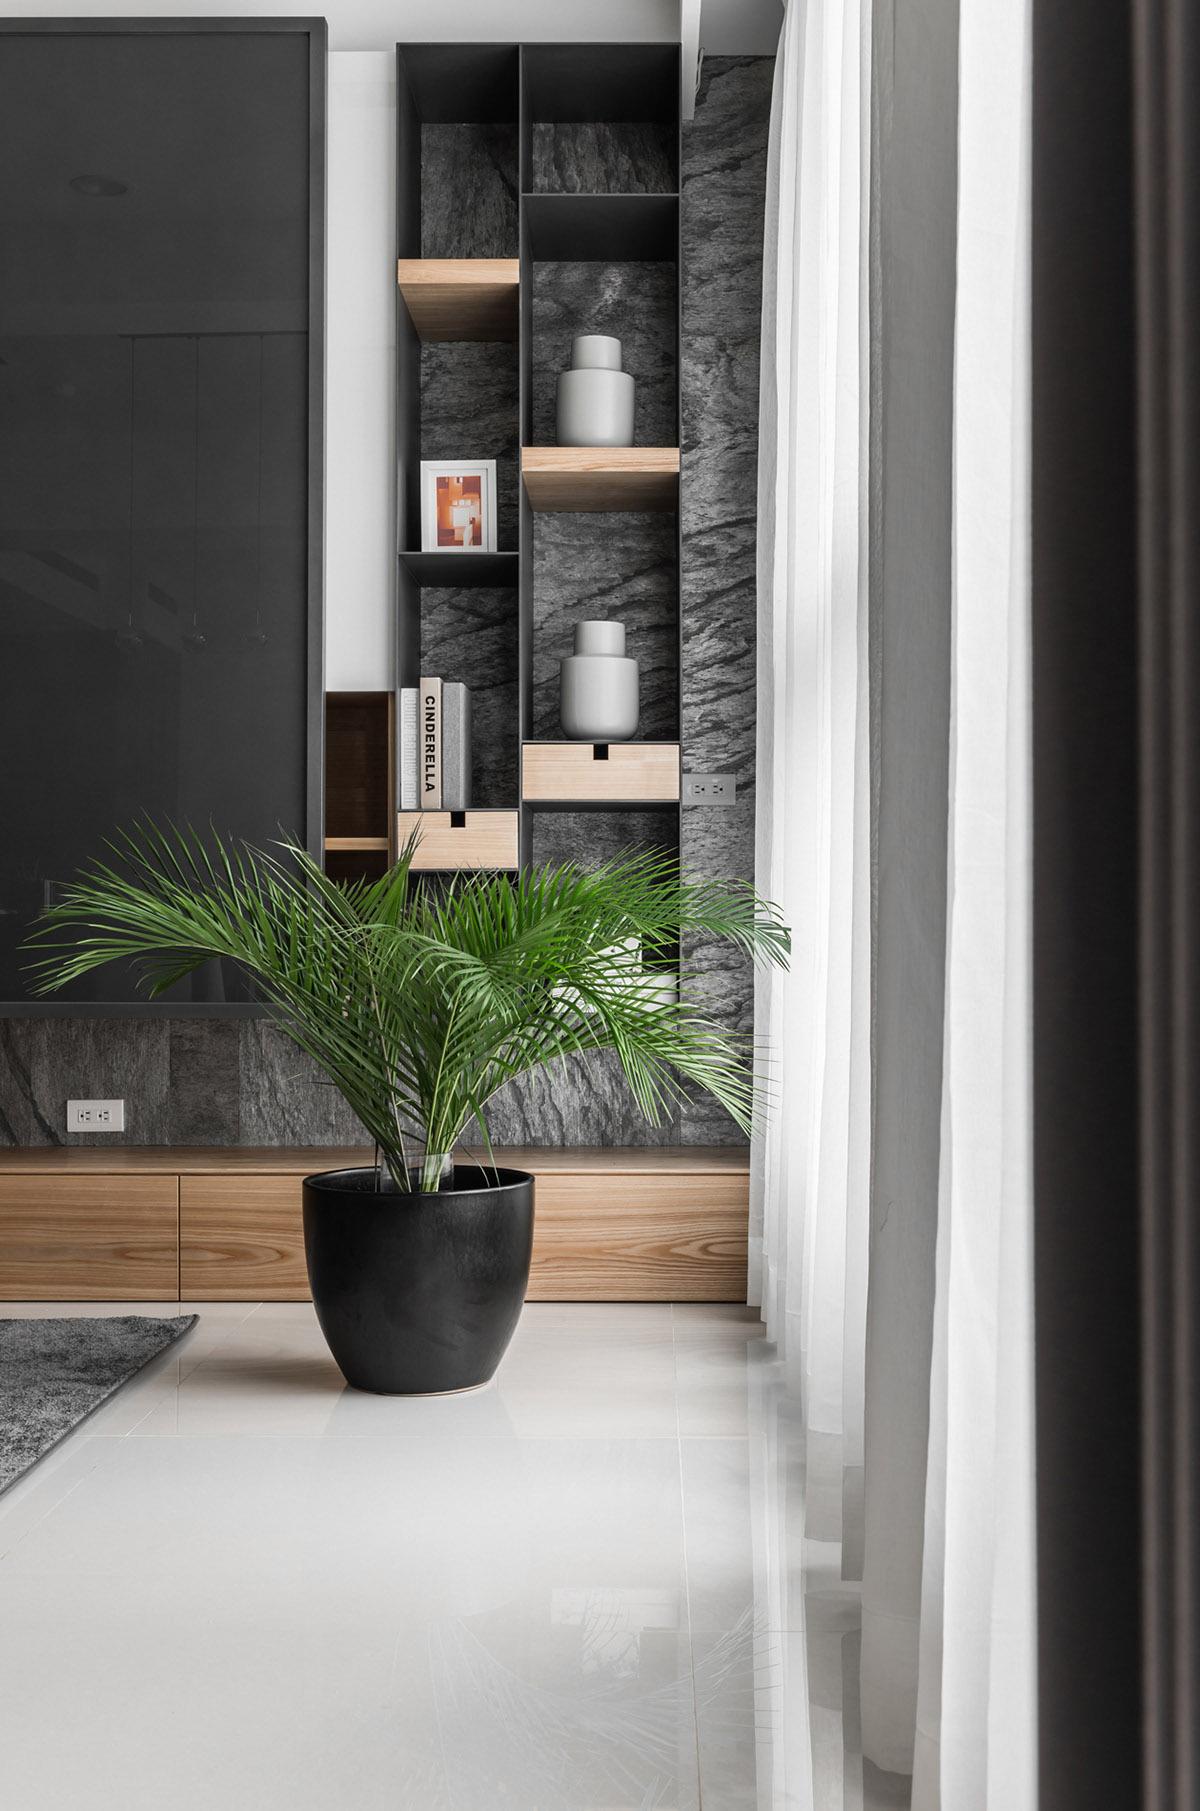 Các ý tưởng về thiết kế nội thất - Bespoke shelving designs